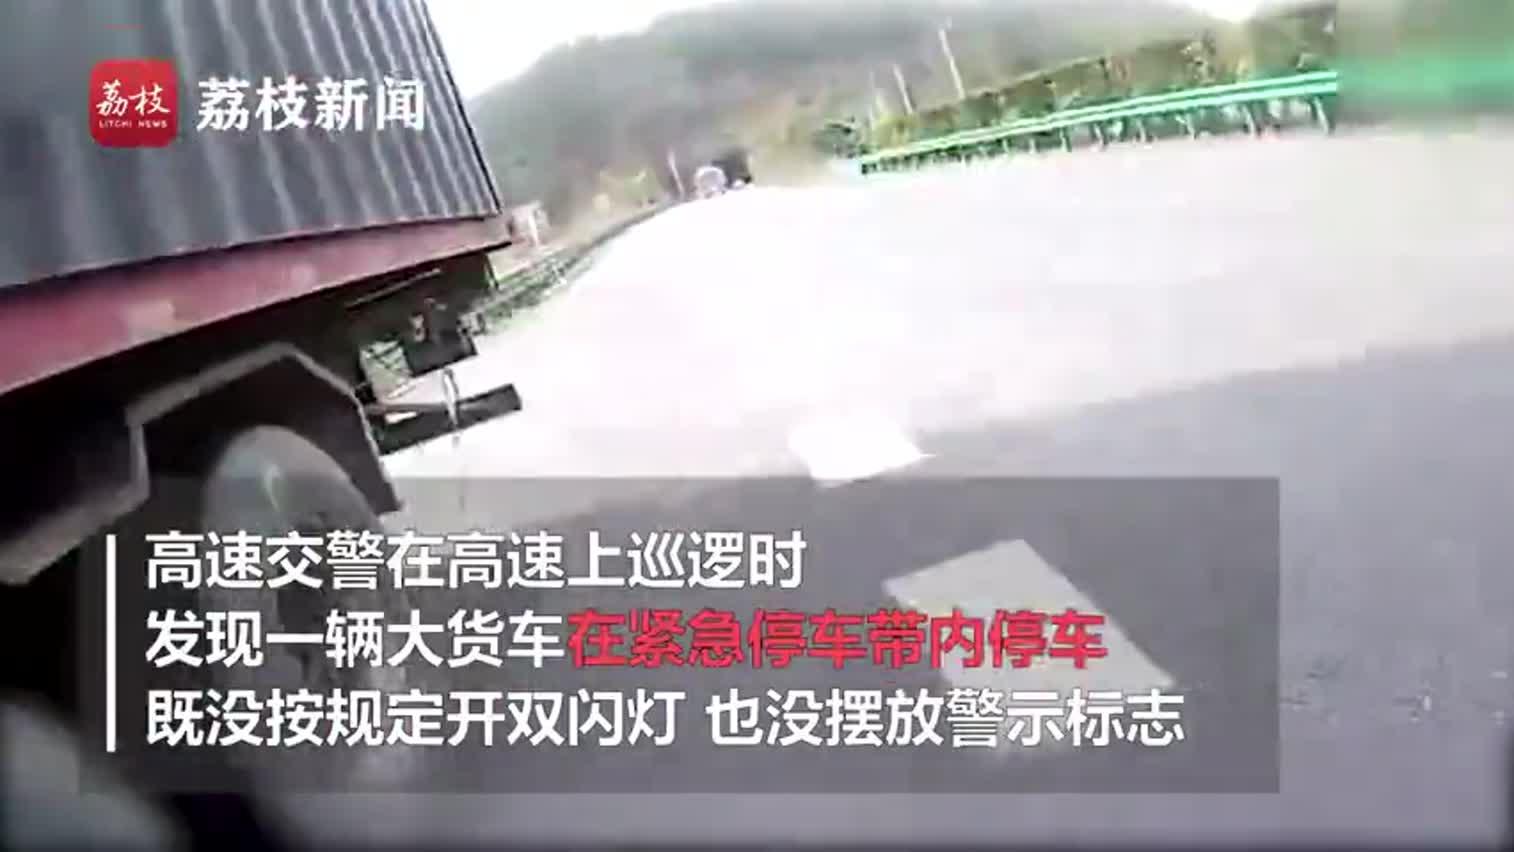 视频:男子为省钱高速上点外卖吃被罚 还甩锅给店主